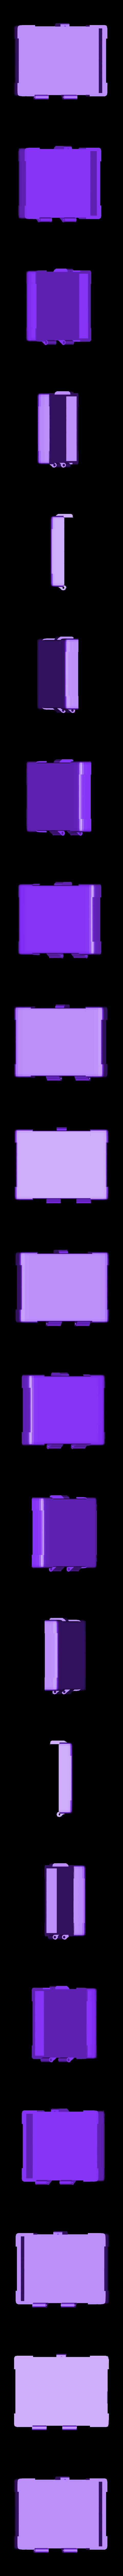 BoxLid.stl Télécharger fichier STL gratuit Boite à jeux • Modèle imprimable en 3D, ykratter